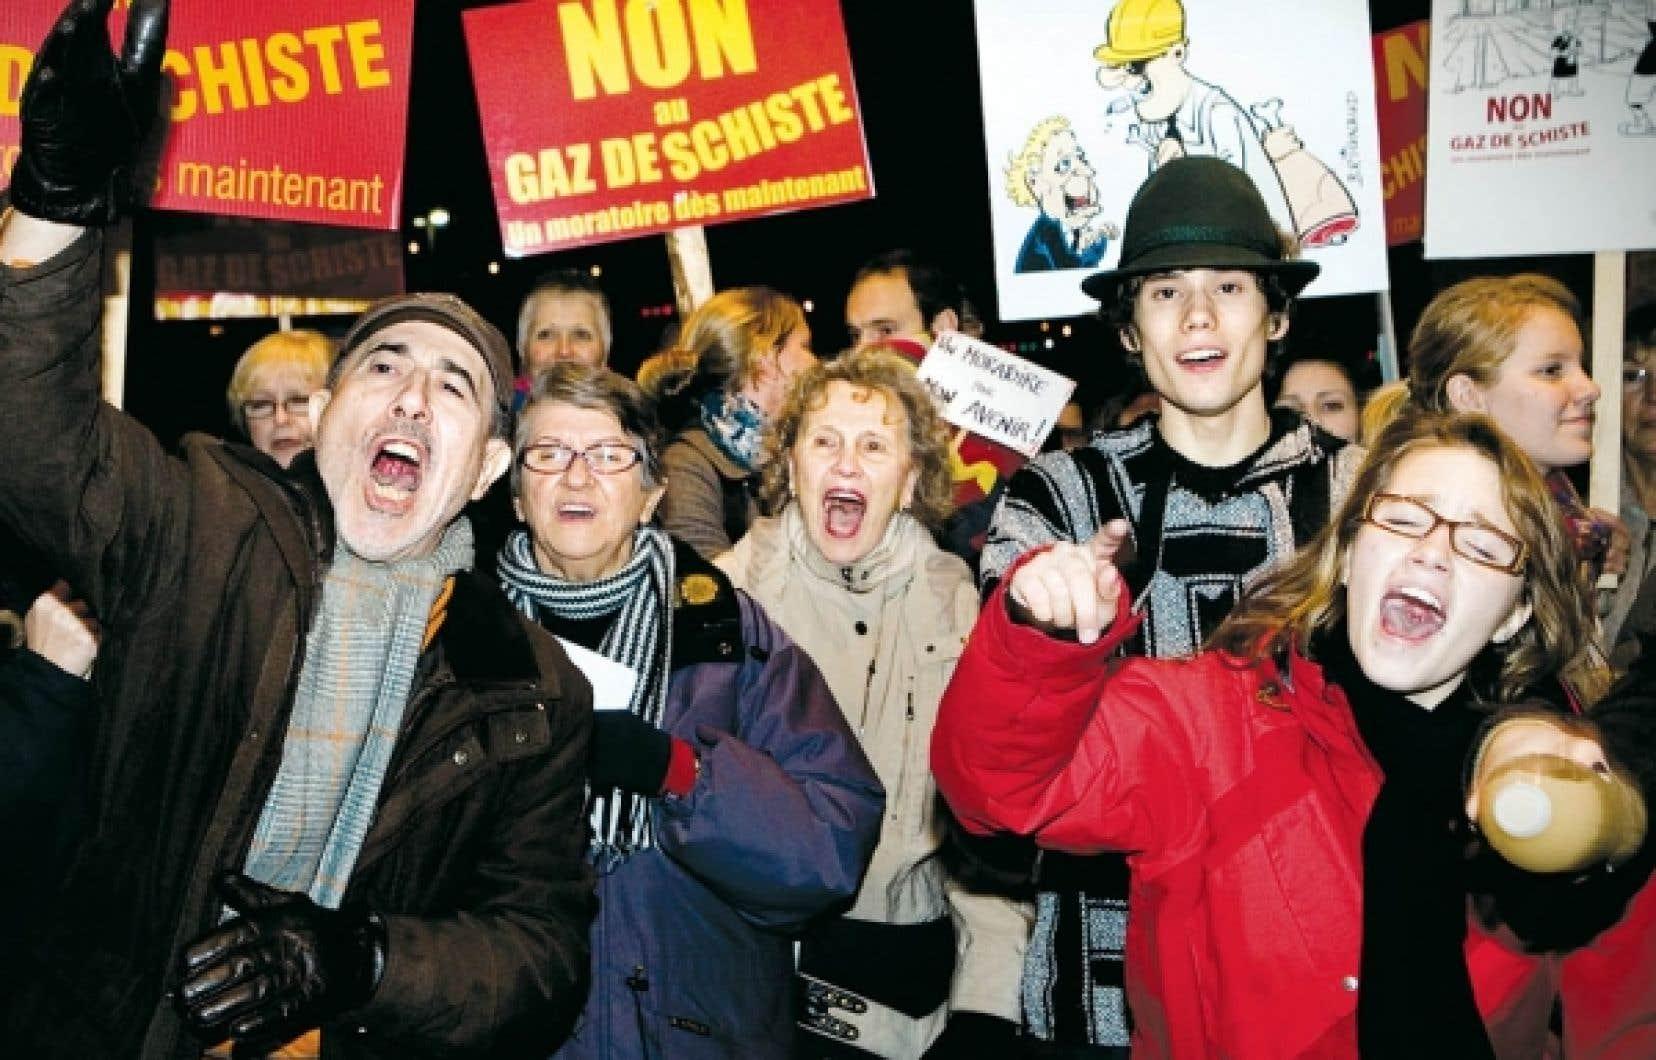 Des dizaines de personnes manifestaient contre l&rsquo;&eacute;closion de la fili&egrave;re des gaz de schiste, en octobre dernier, en marge des consultations du Bureau d&rsquo;audiences publiques en environnement (BAPE) sur le d&eacute;veloppement durable de cette industrie au Qu&eacute;bec.<br />